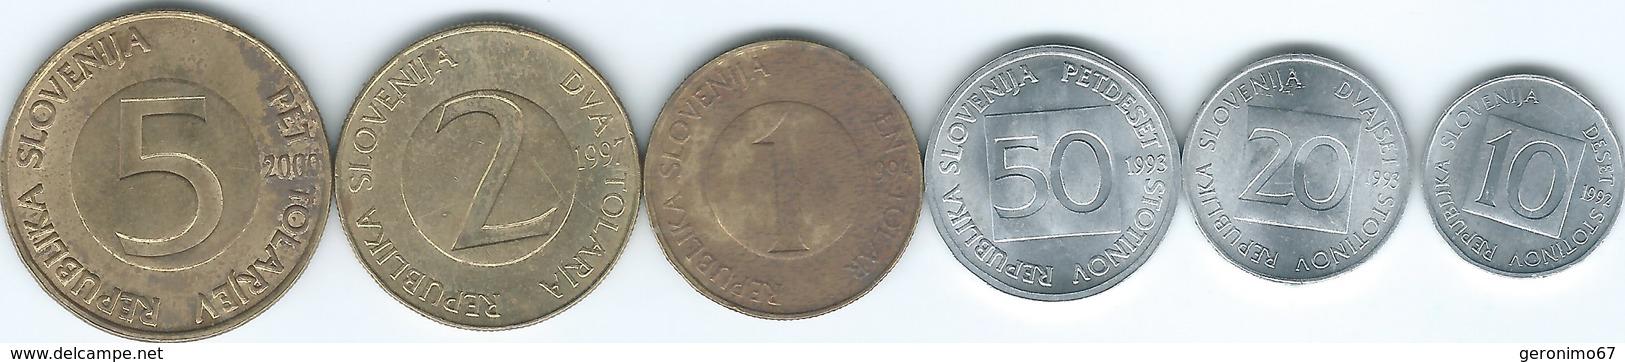 Slovenia - 10 (1992) 20 (1993) & 50 Stotinov (1995); 1 (1992) 2 (1997) & 5 Tolarjev (2000) (KMs 2-8) - Slovenia